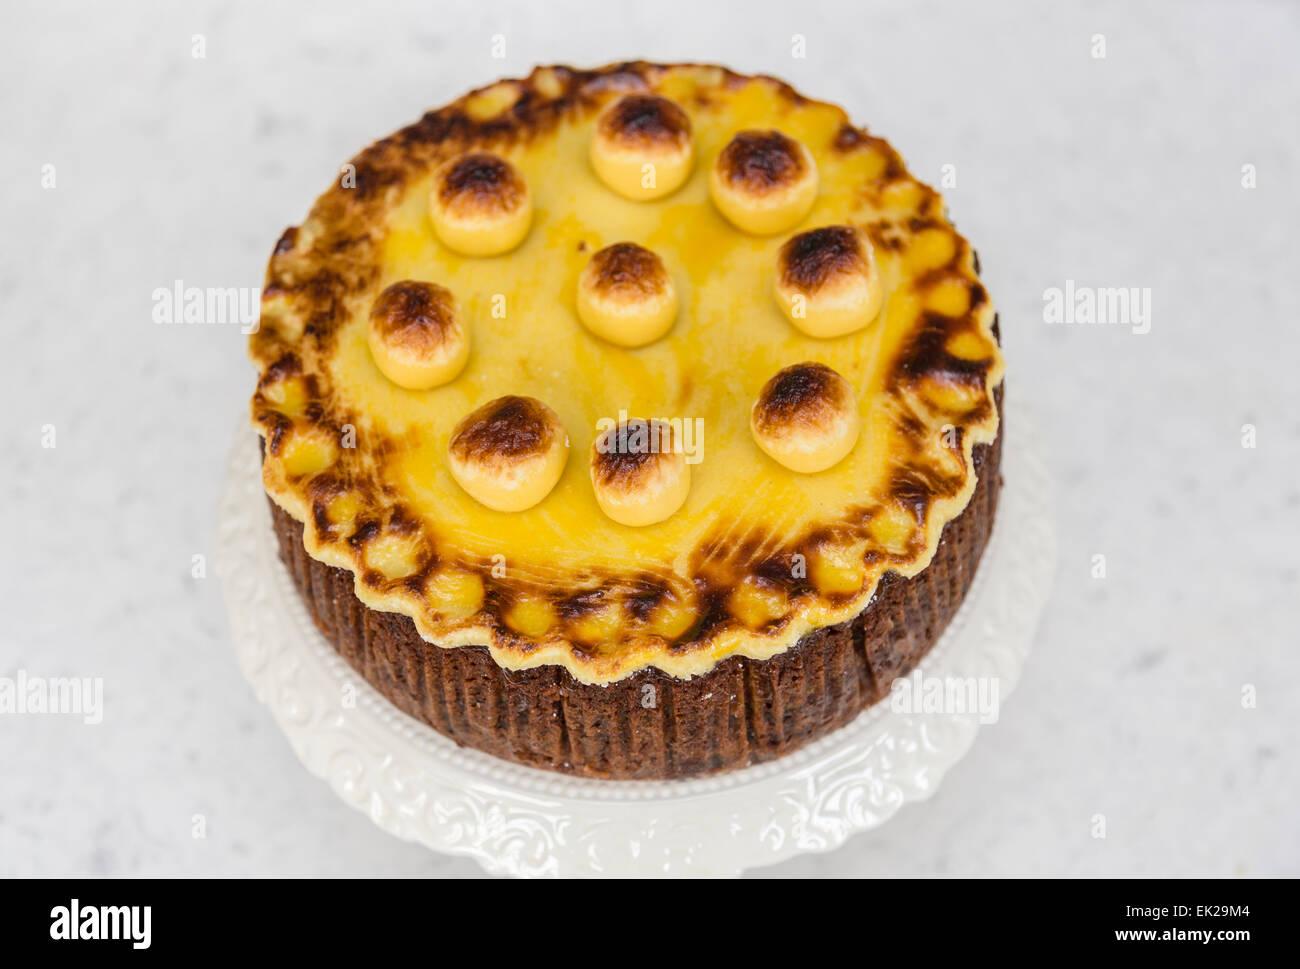 Maison traditionnel simnel cake on cake stand chine blanc pour Pâques - gâteau de fruit avec des boules Photo Stock